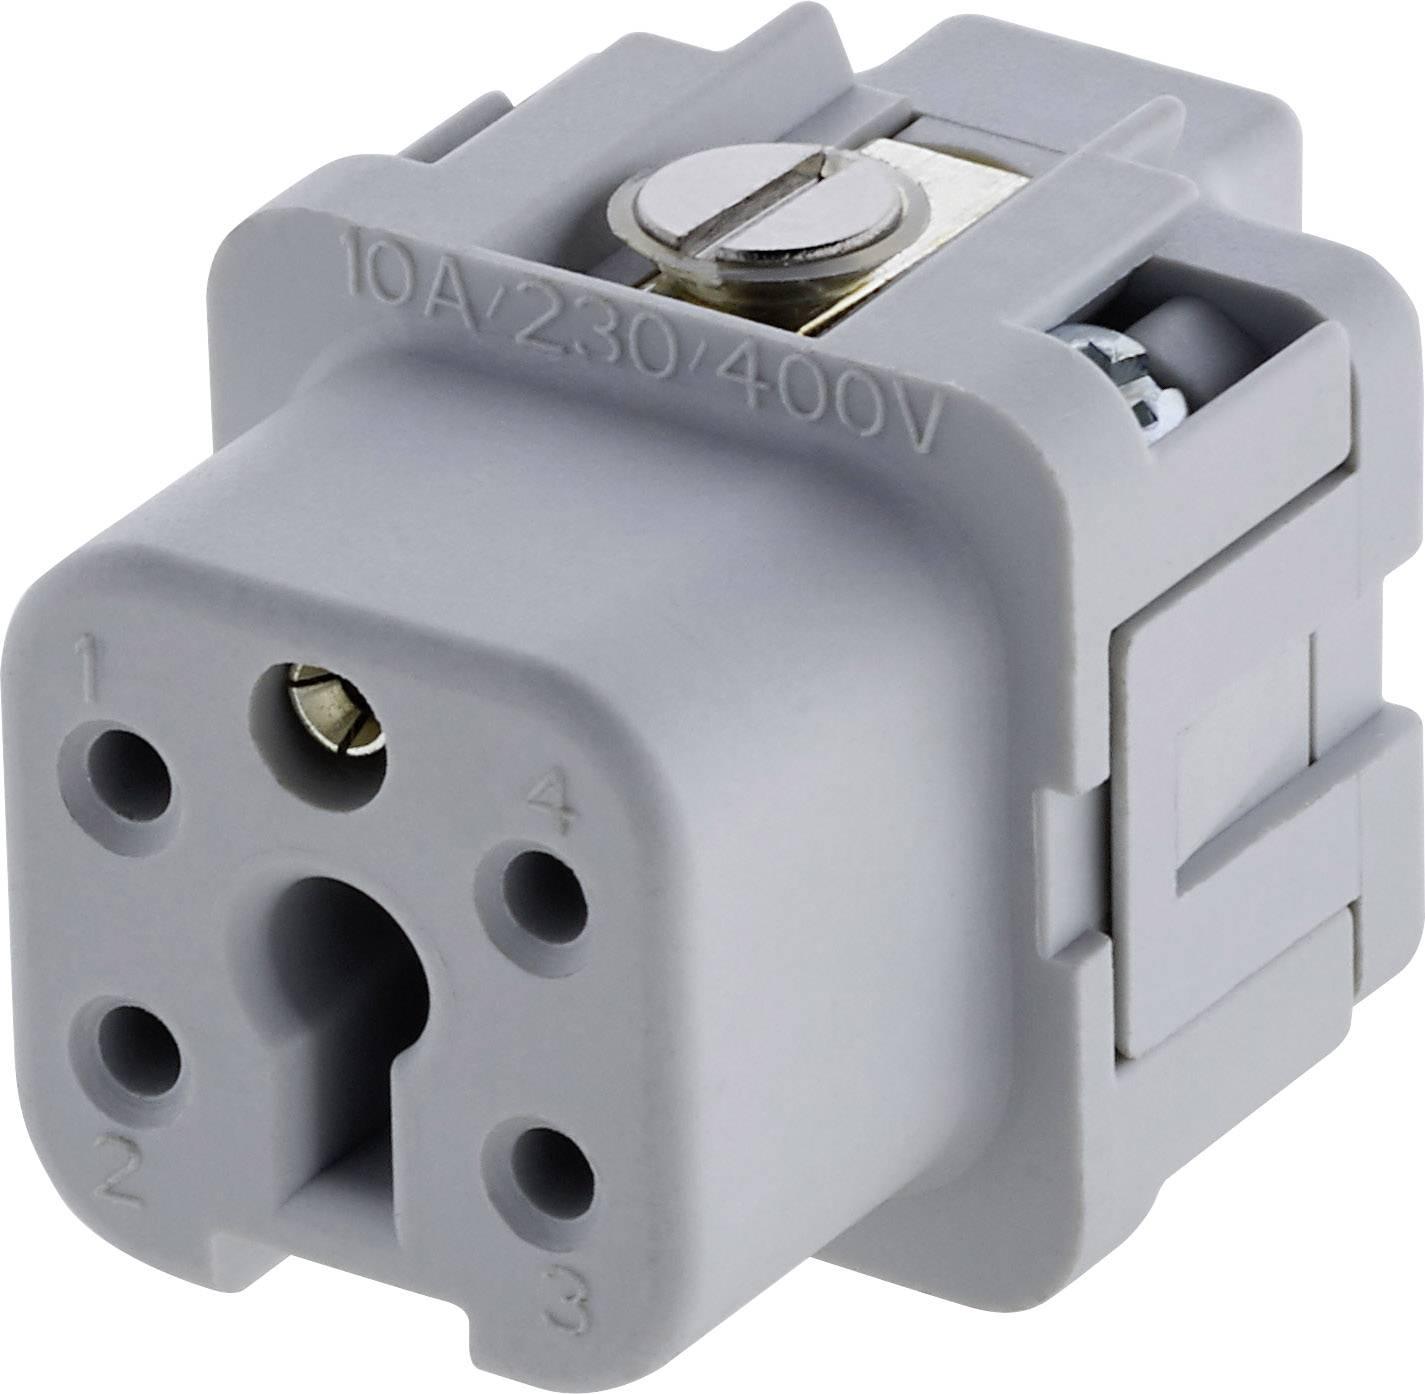 Sada konektorové zásuvky Heavy mate® C146 Amphenol C146 10B004 002 4, počet kontaktů 4 + PE, 1 ks